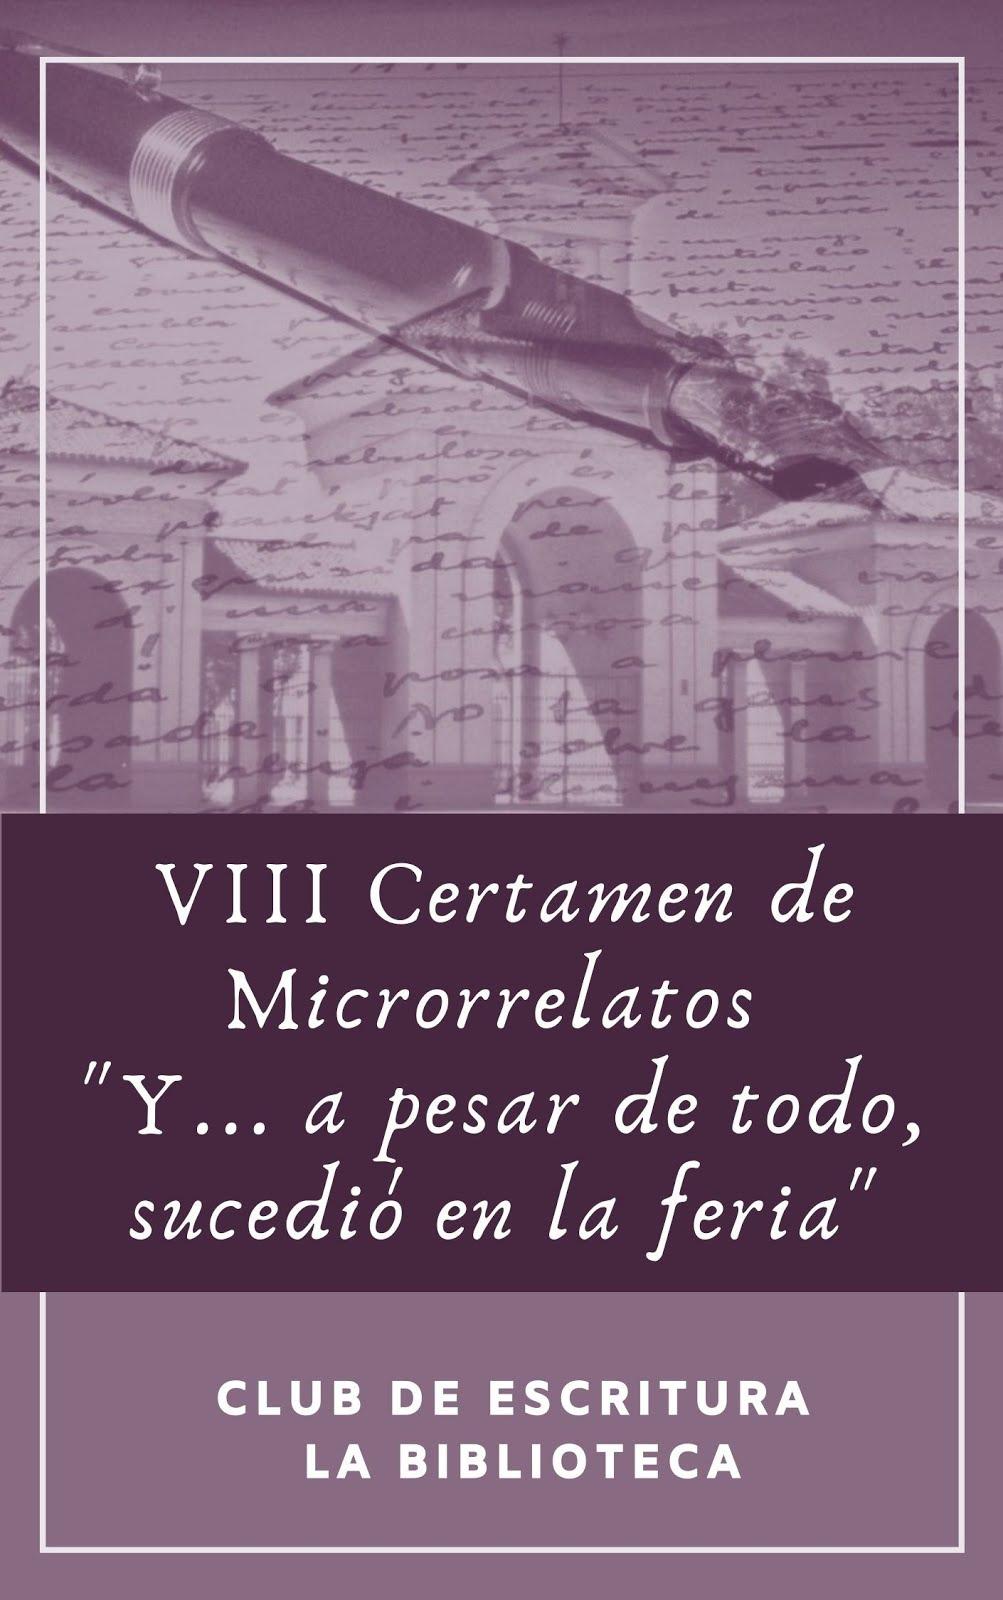 """Libro del VIII Certamen de Microrrelatos """"Sucedió en la Feria"""""""